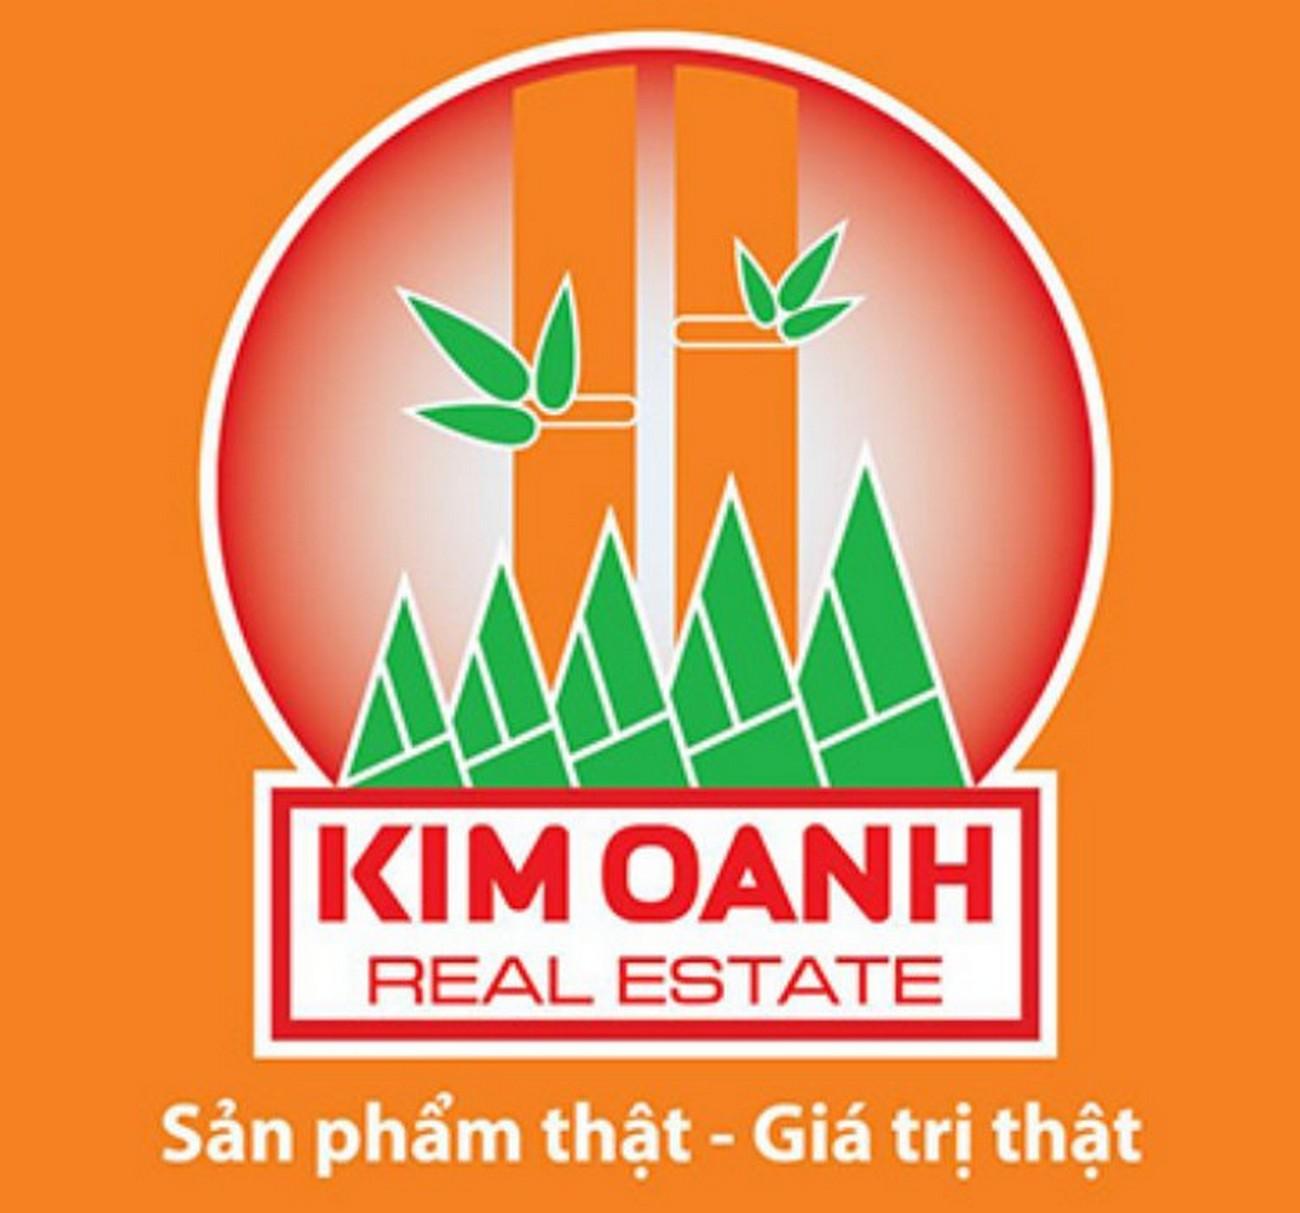 Chủ đầu tư dự án căn hộ chung cư Legacy Central Thuận An Bình Dương chủ đầu tư Kim Oanh Group